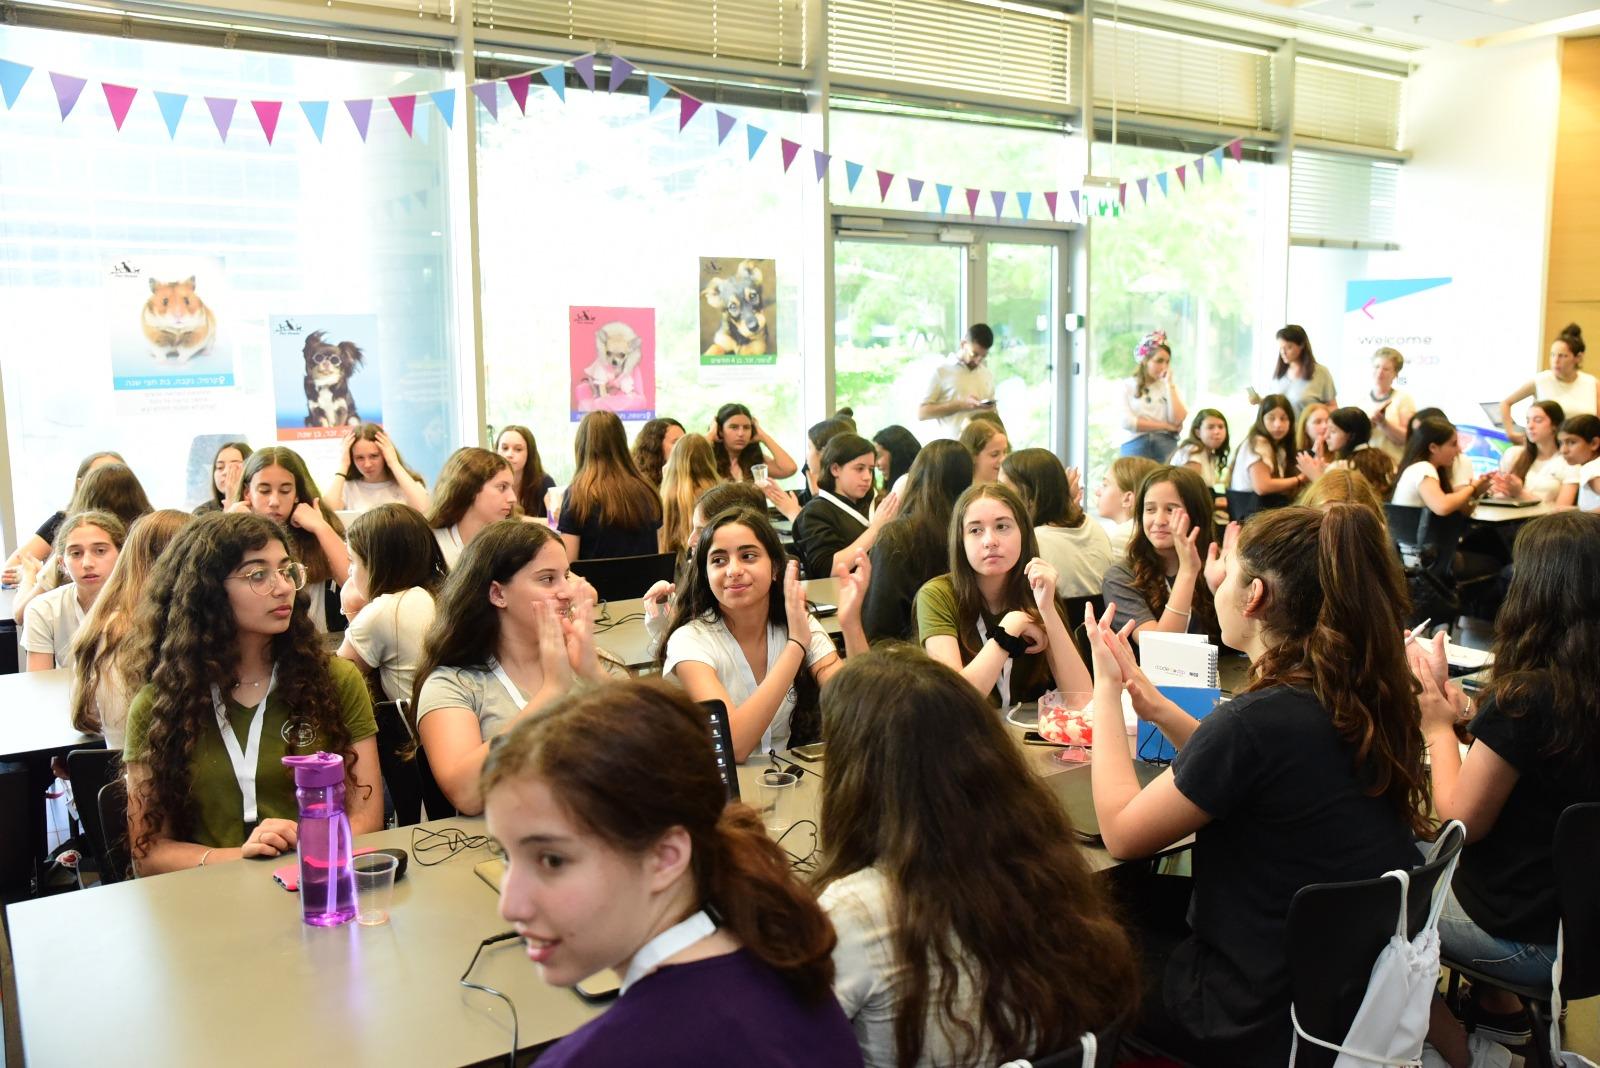 תכנית חדשנית לנערות במקצועות ההייטק והסייבר הושקה ברעננה